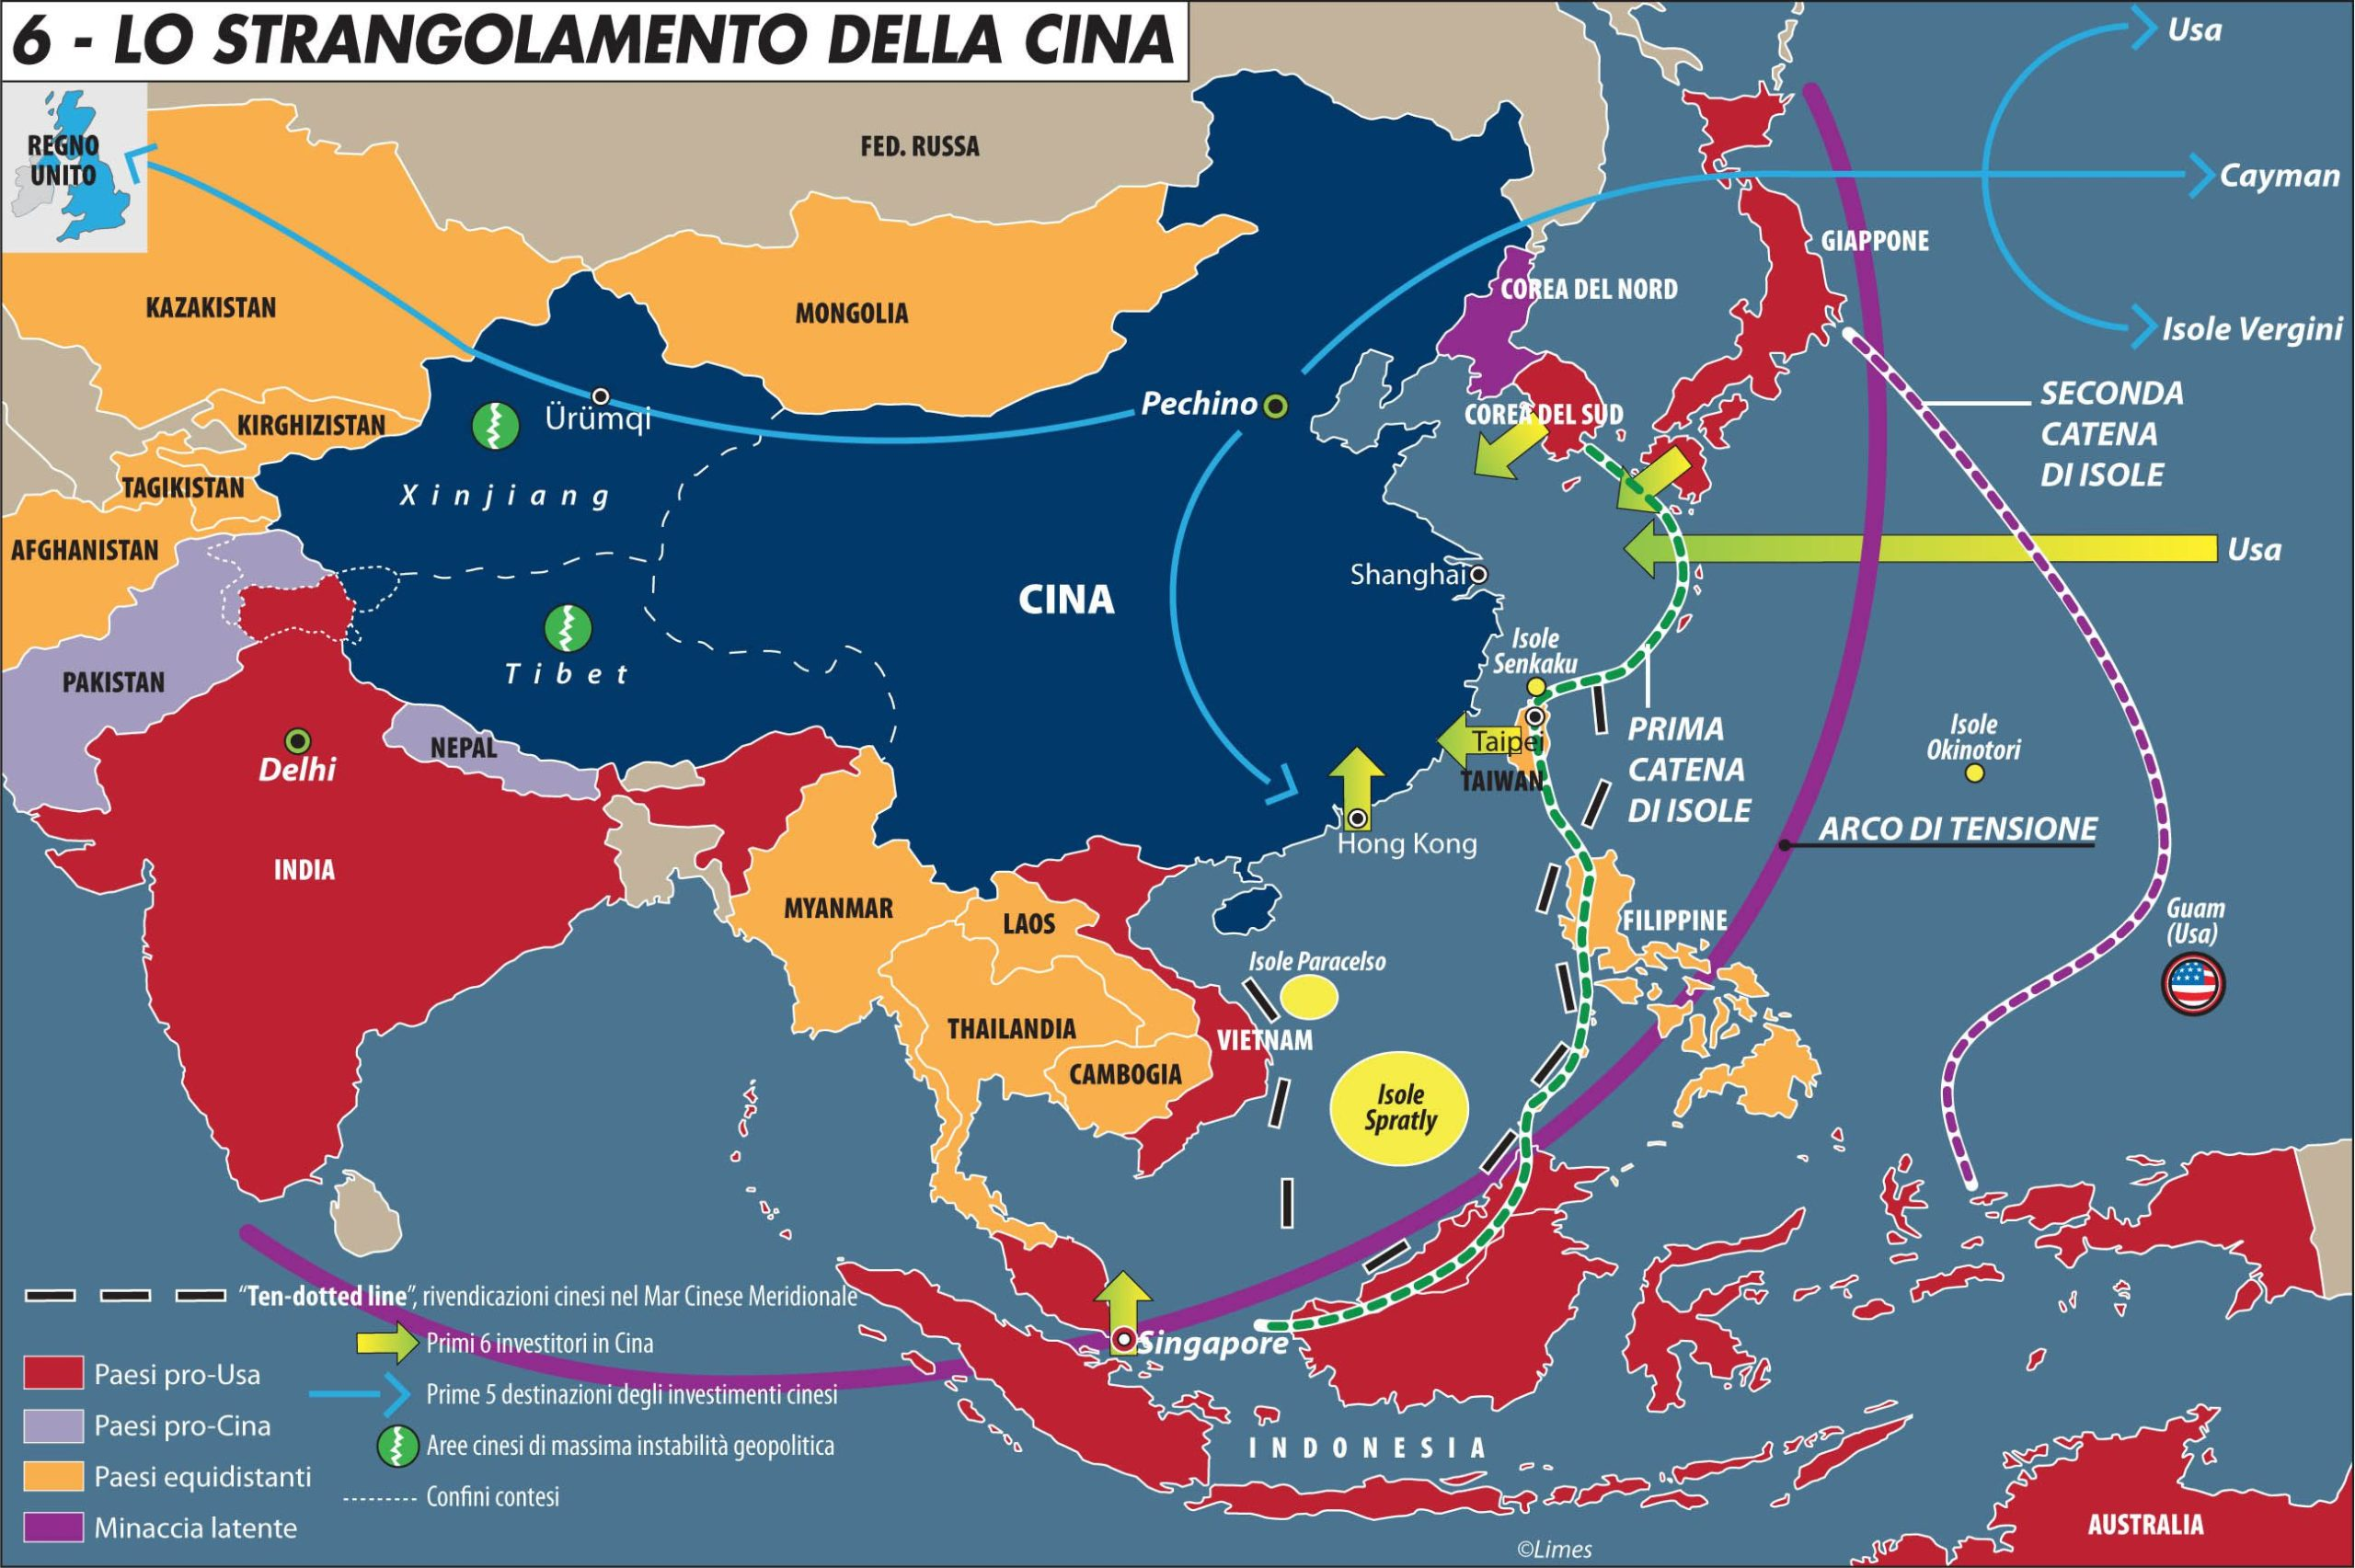 mappa geopolitica della Cina